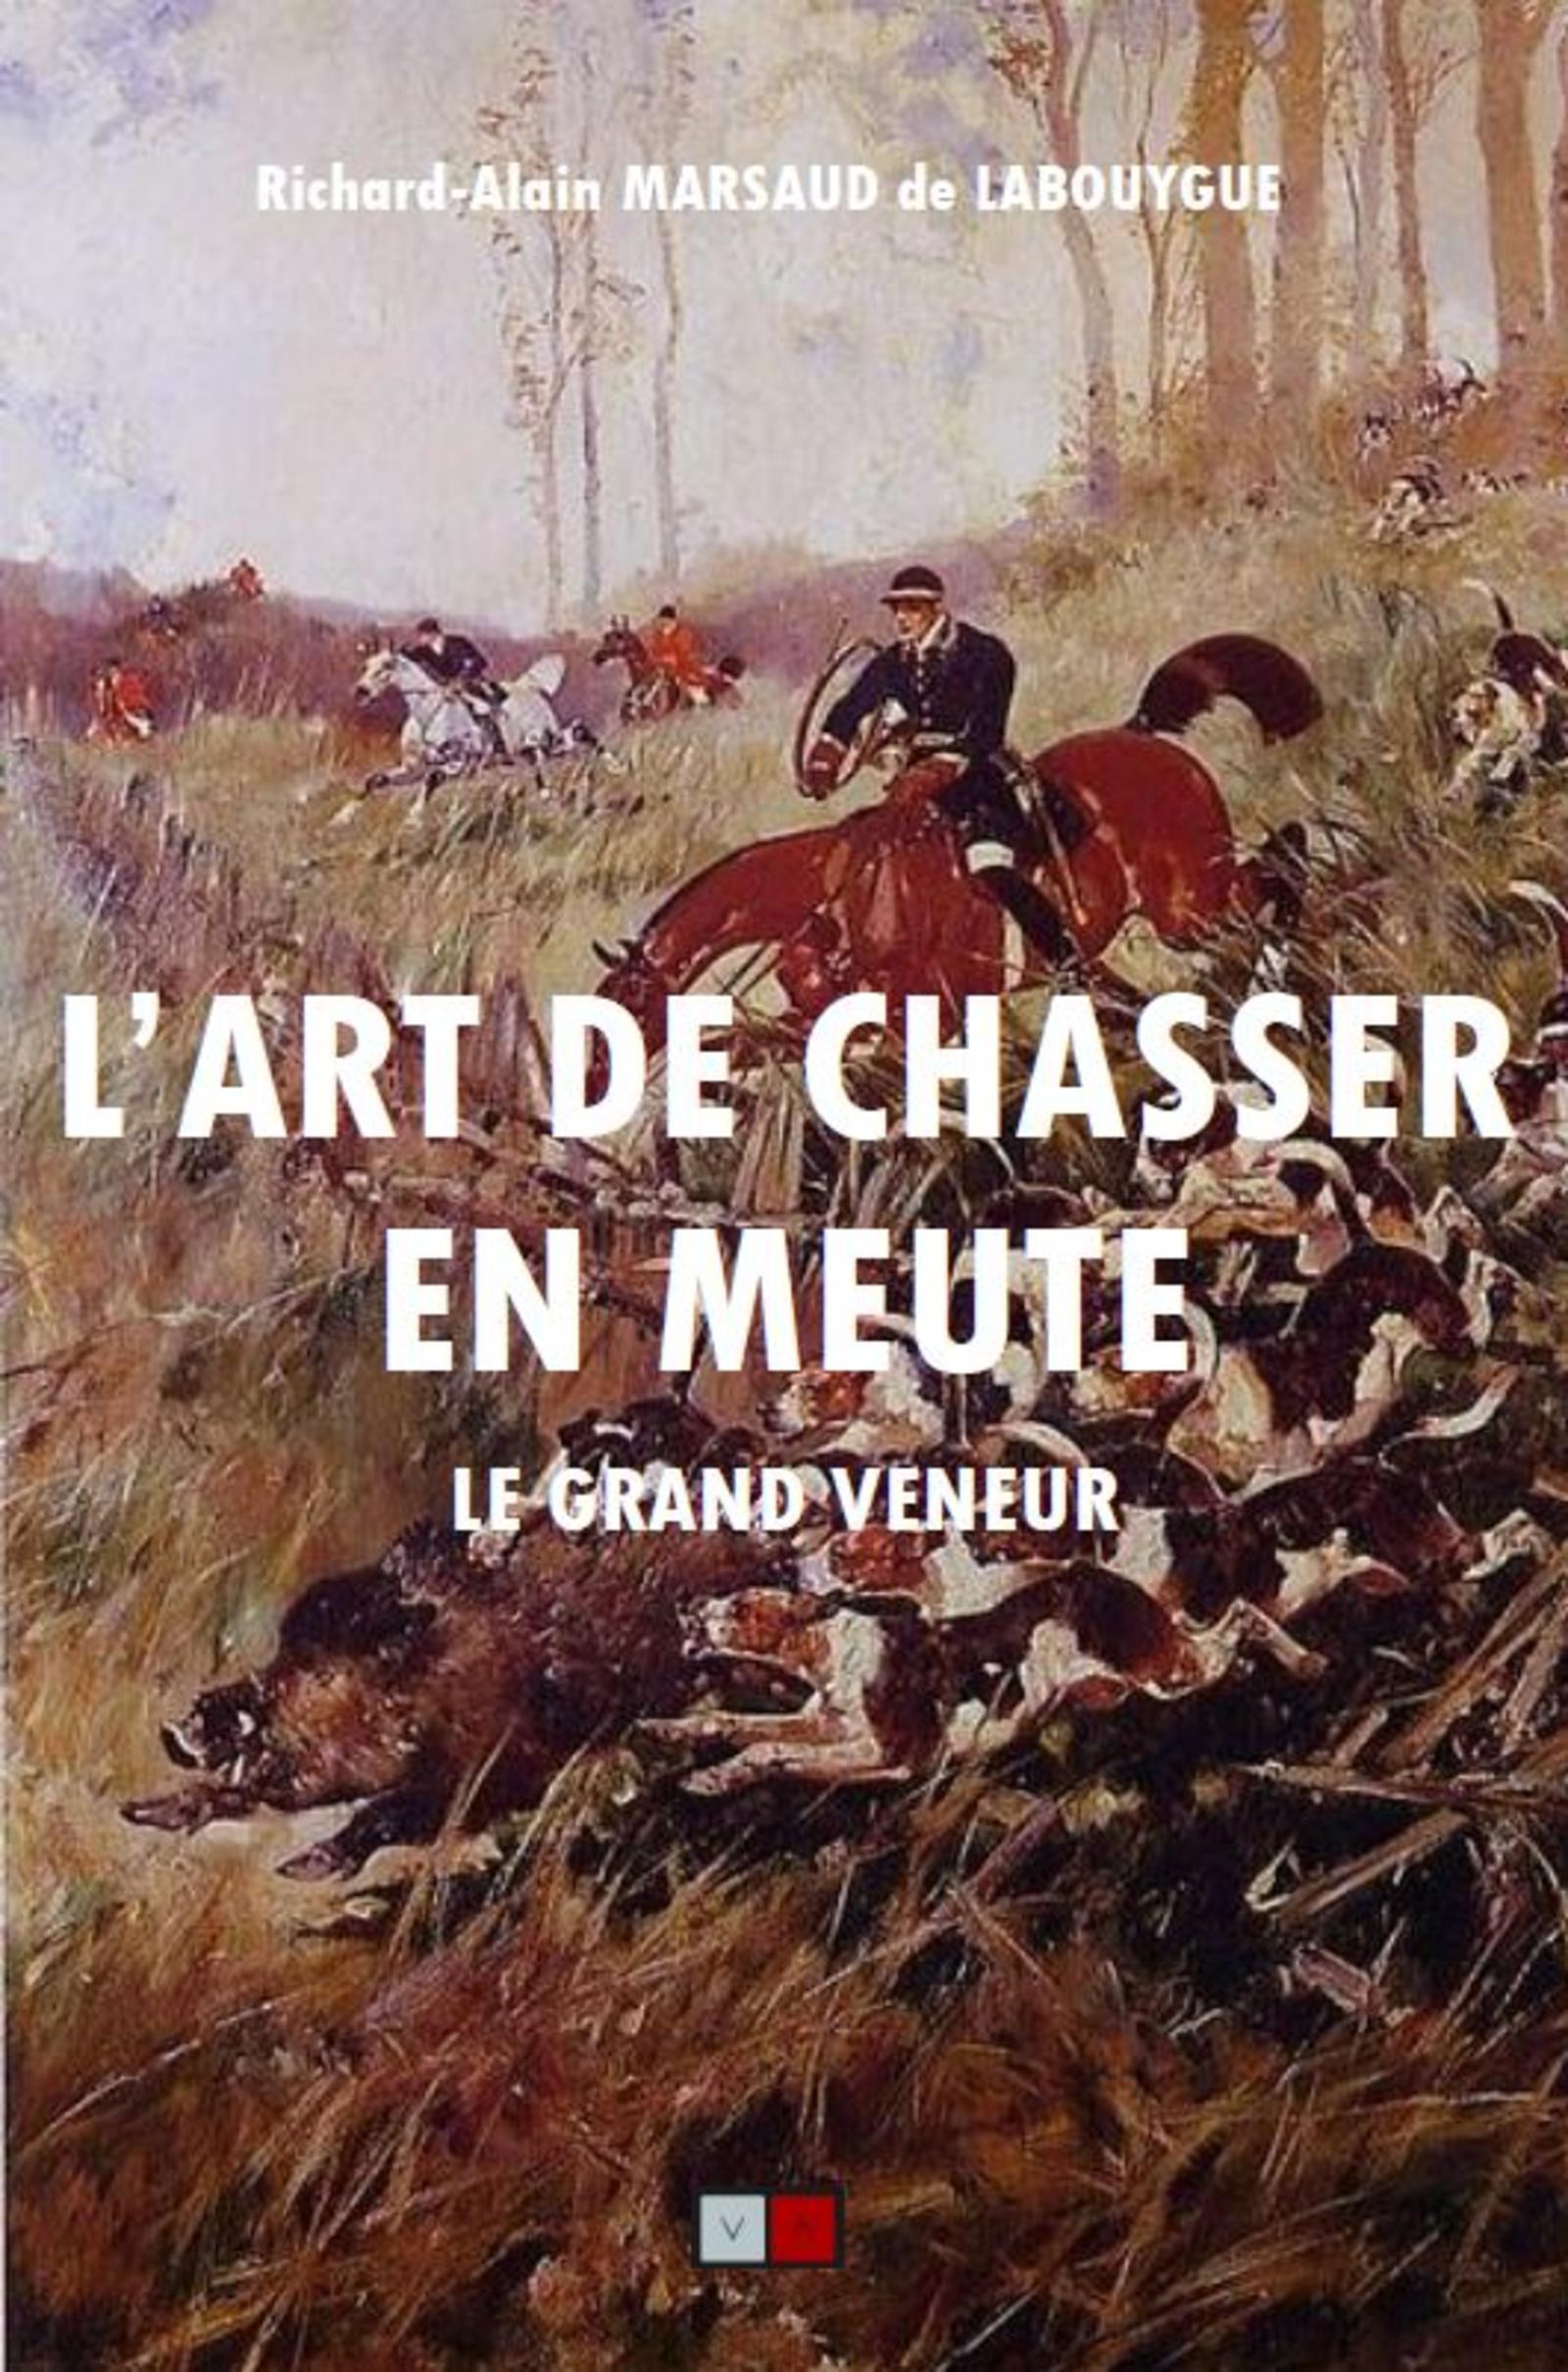 L'ART DE CHASSER EN MEUTE - LE GRAND VENEUR